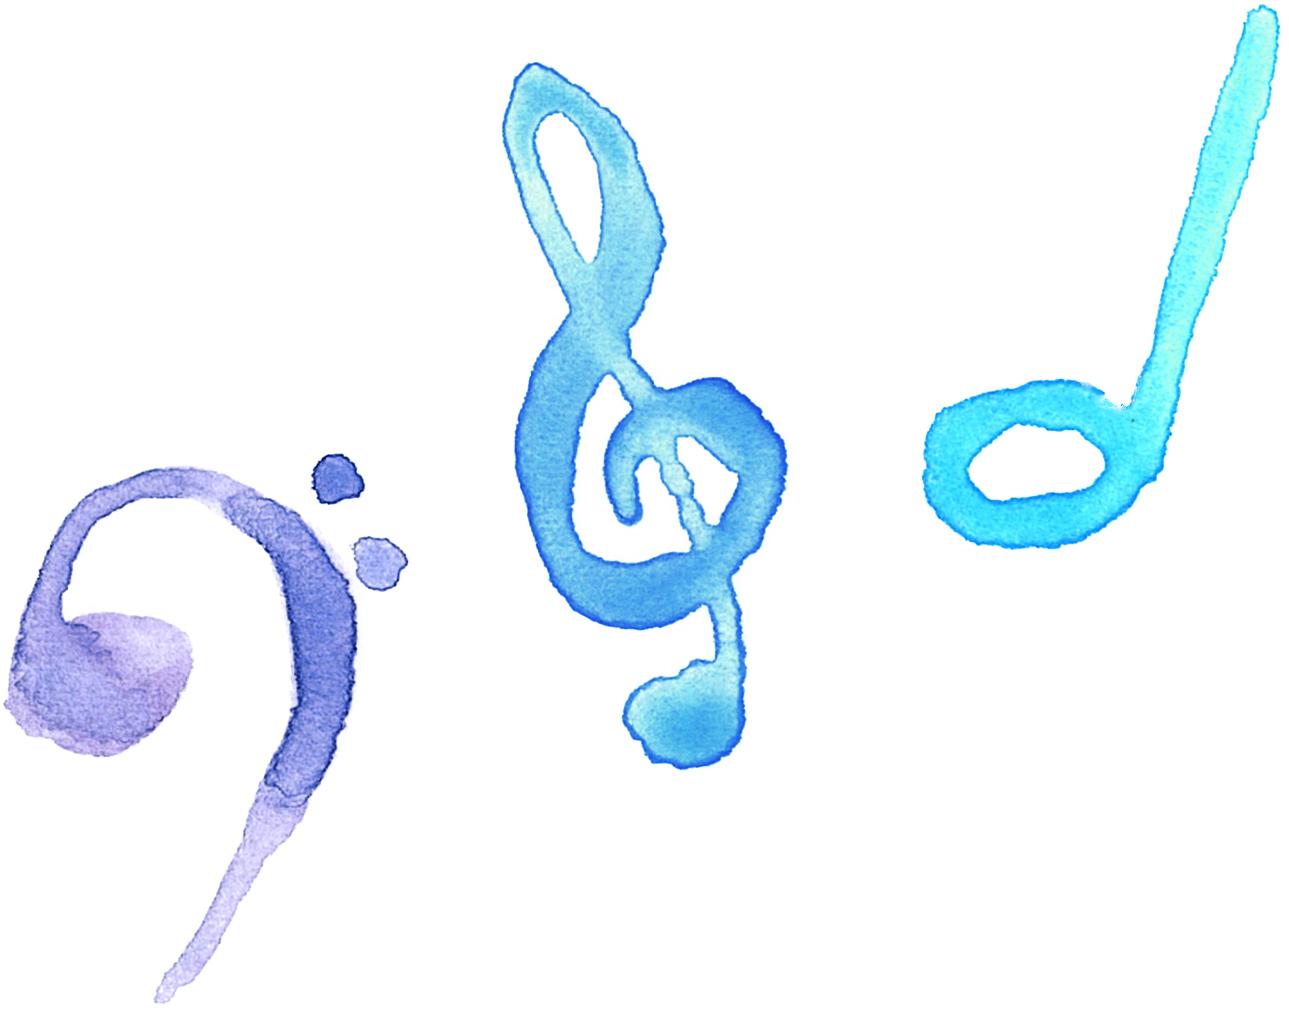 音符 音楽 イラスト 無料2 | イラストダウンロード